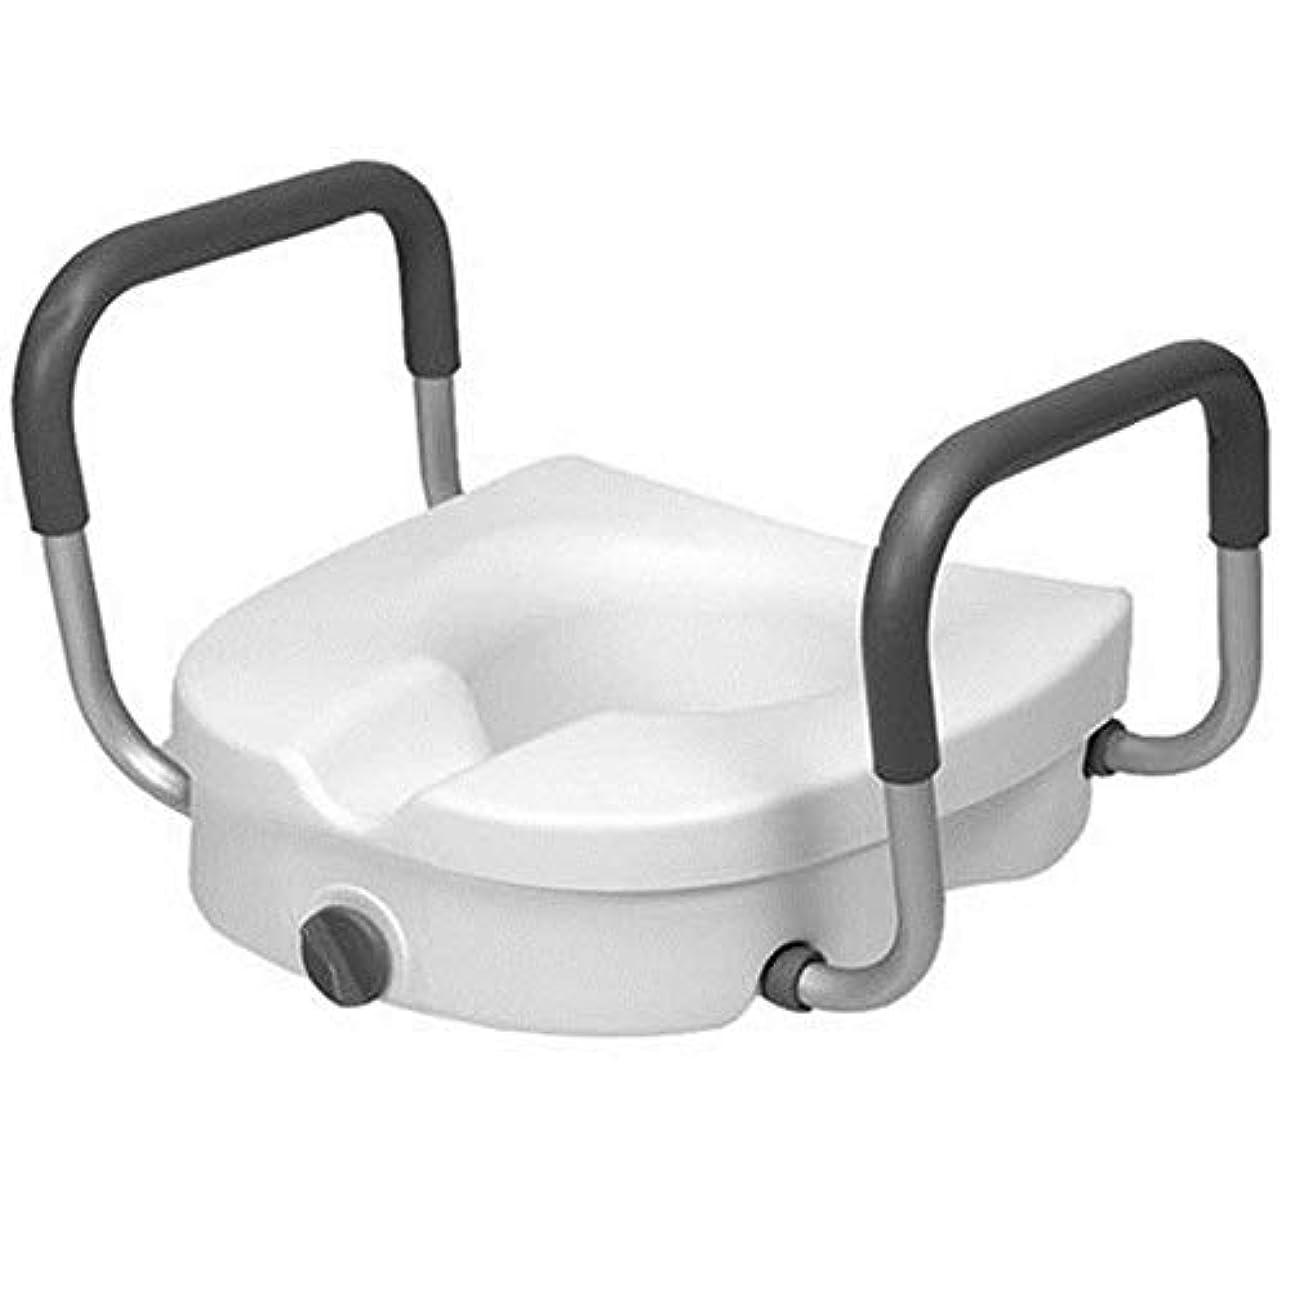 教え最後のまだらArmrestの洗面所のブースター、洗面所の手すりのArmrestが付いている調節可能な便座